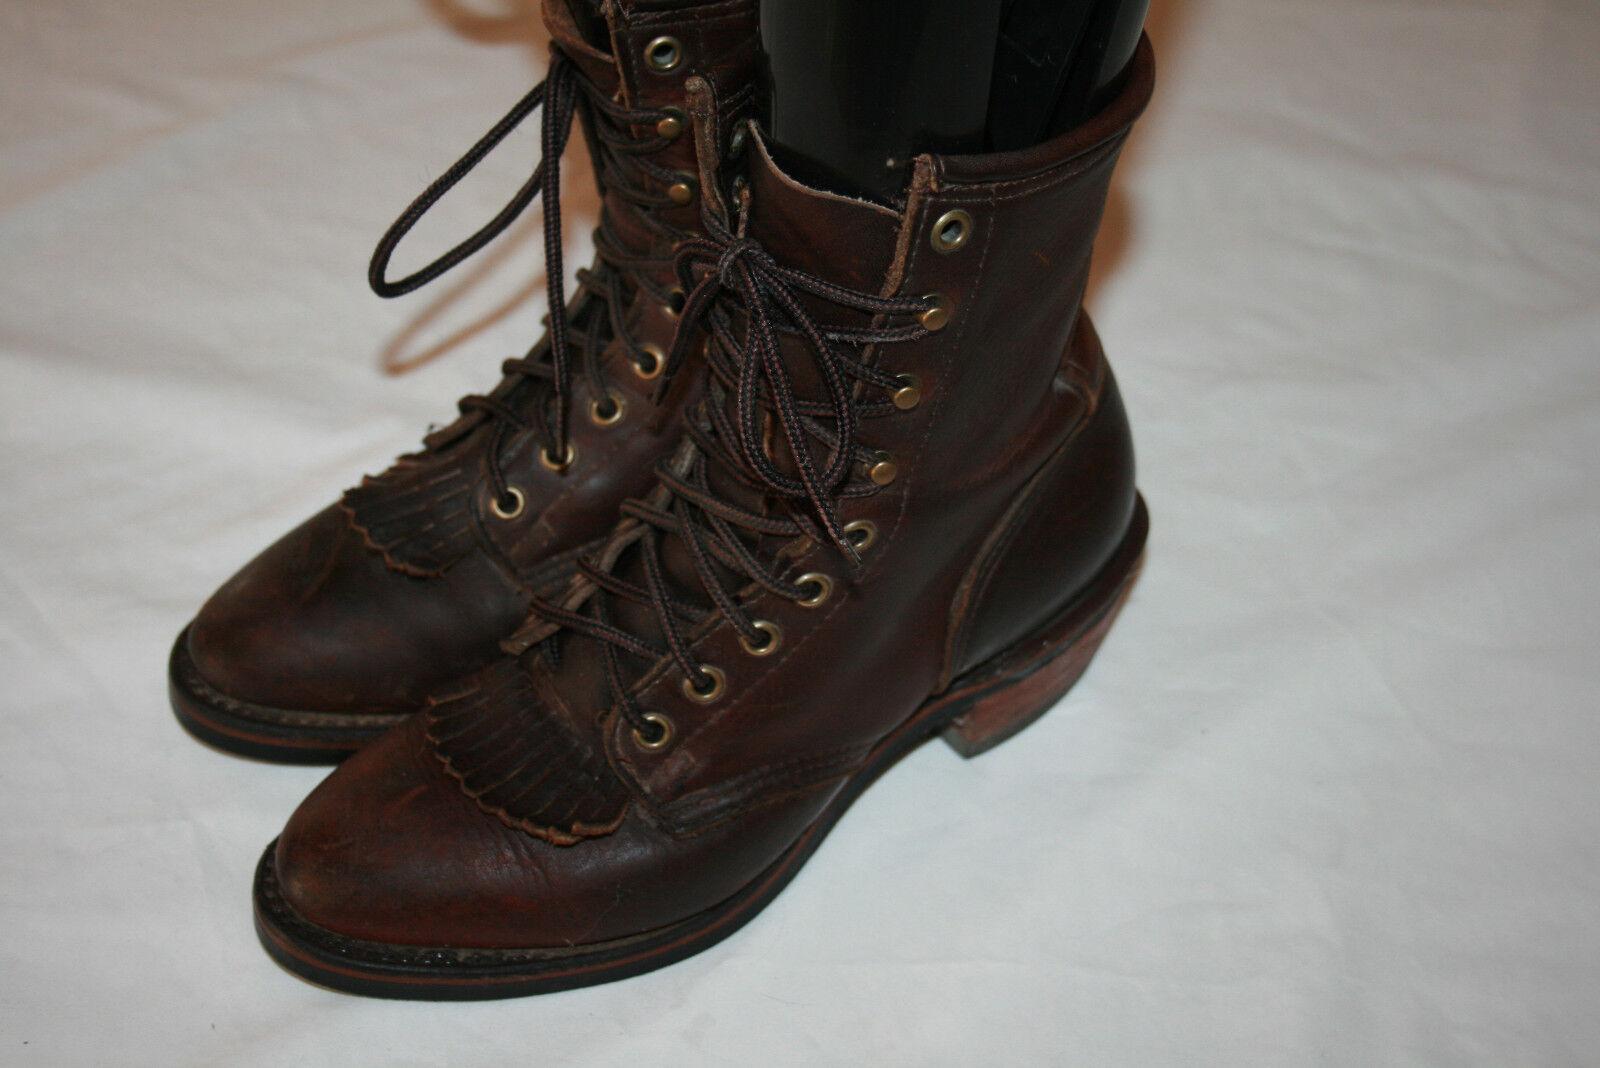 DD TUFF Leather Lacer Kiltie Packer Work Stiefel Größe US 7.5 N B C